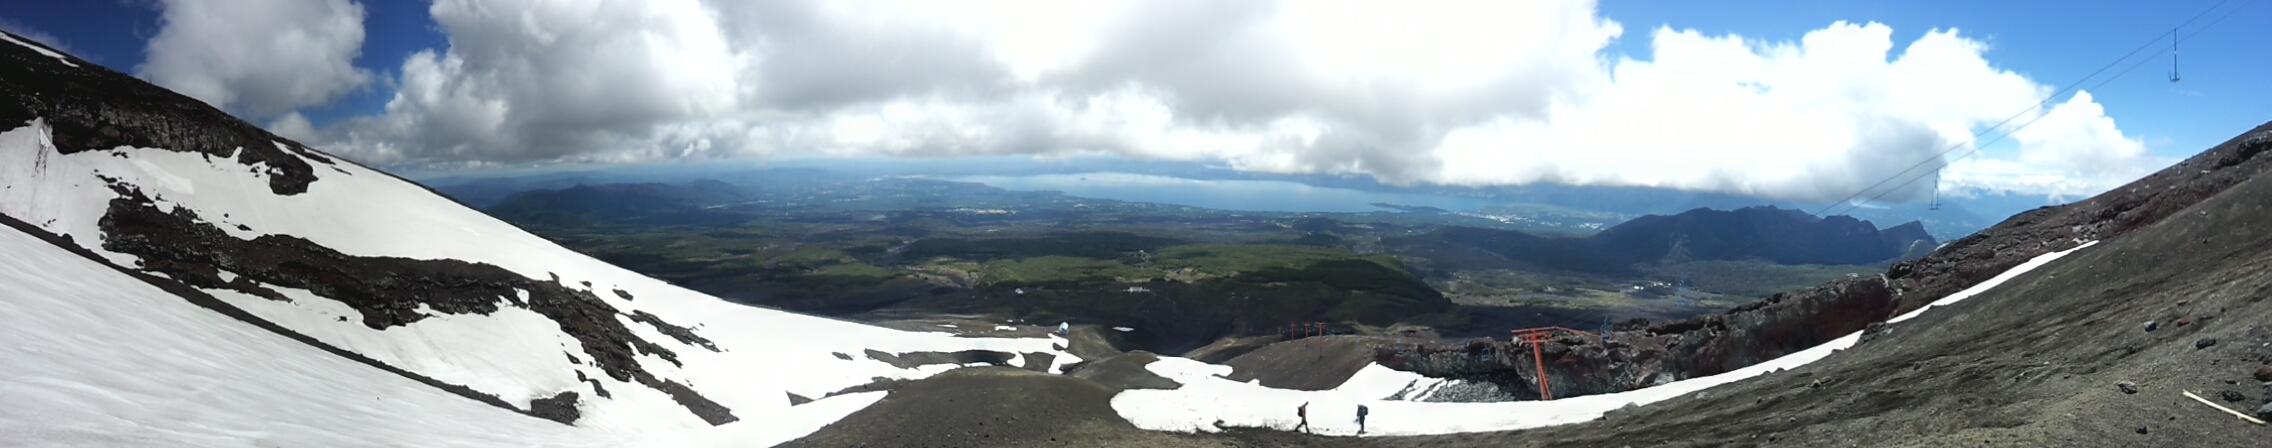 vulkan_lefele.jpg